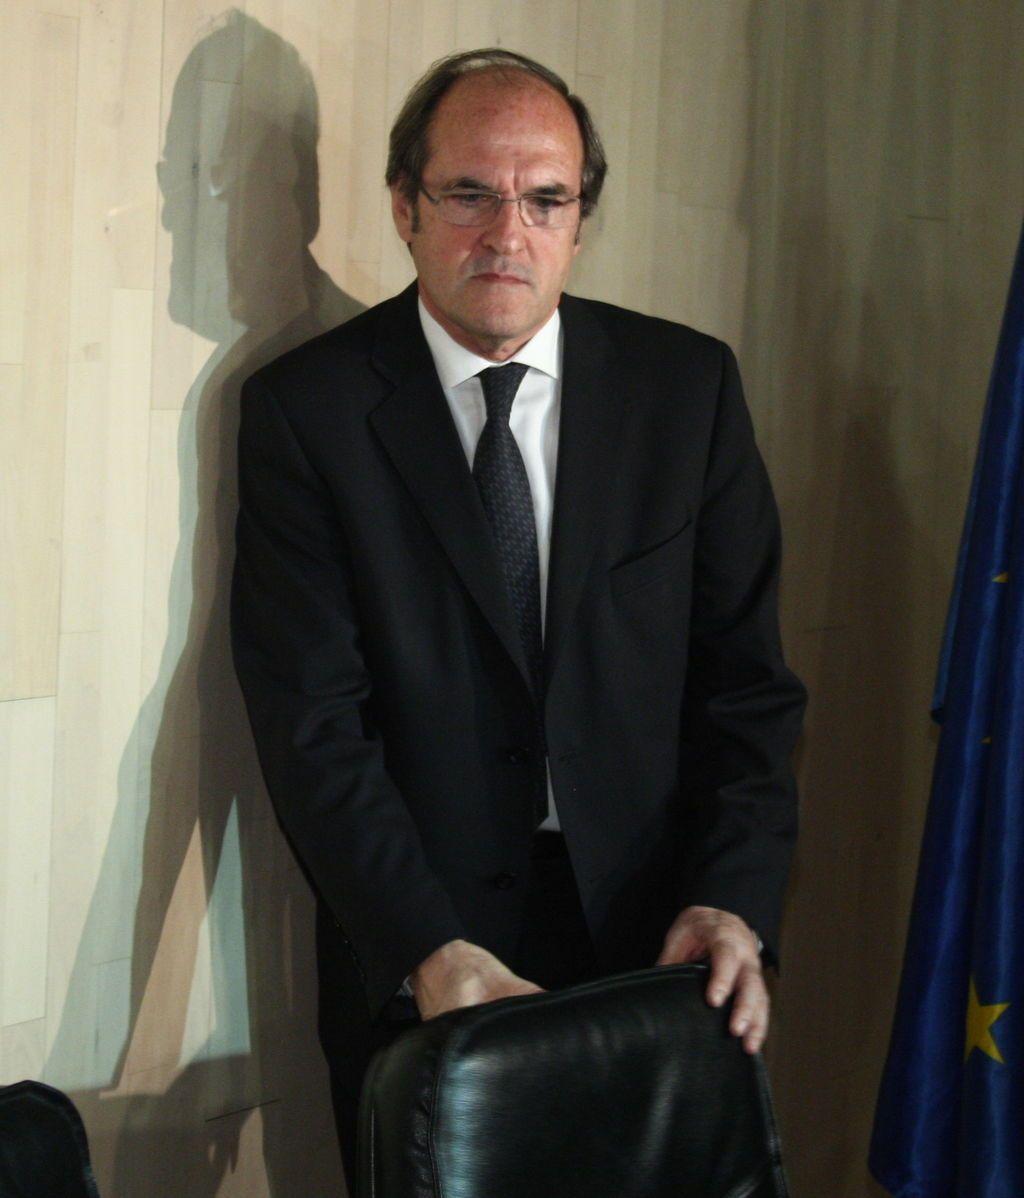 Ángel Gabilondo, durante su etapa como ministro de Educación